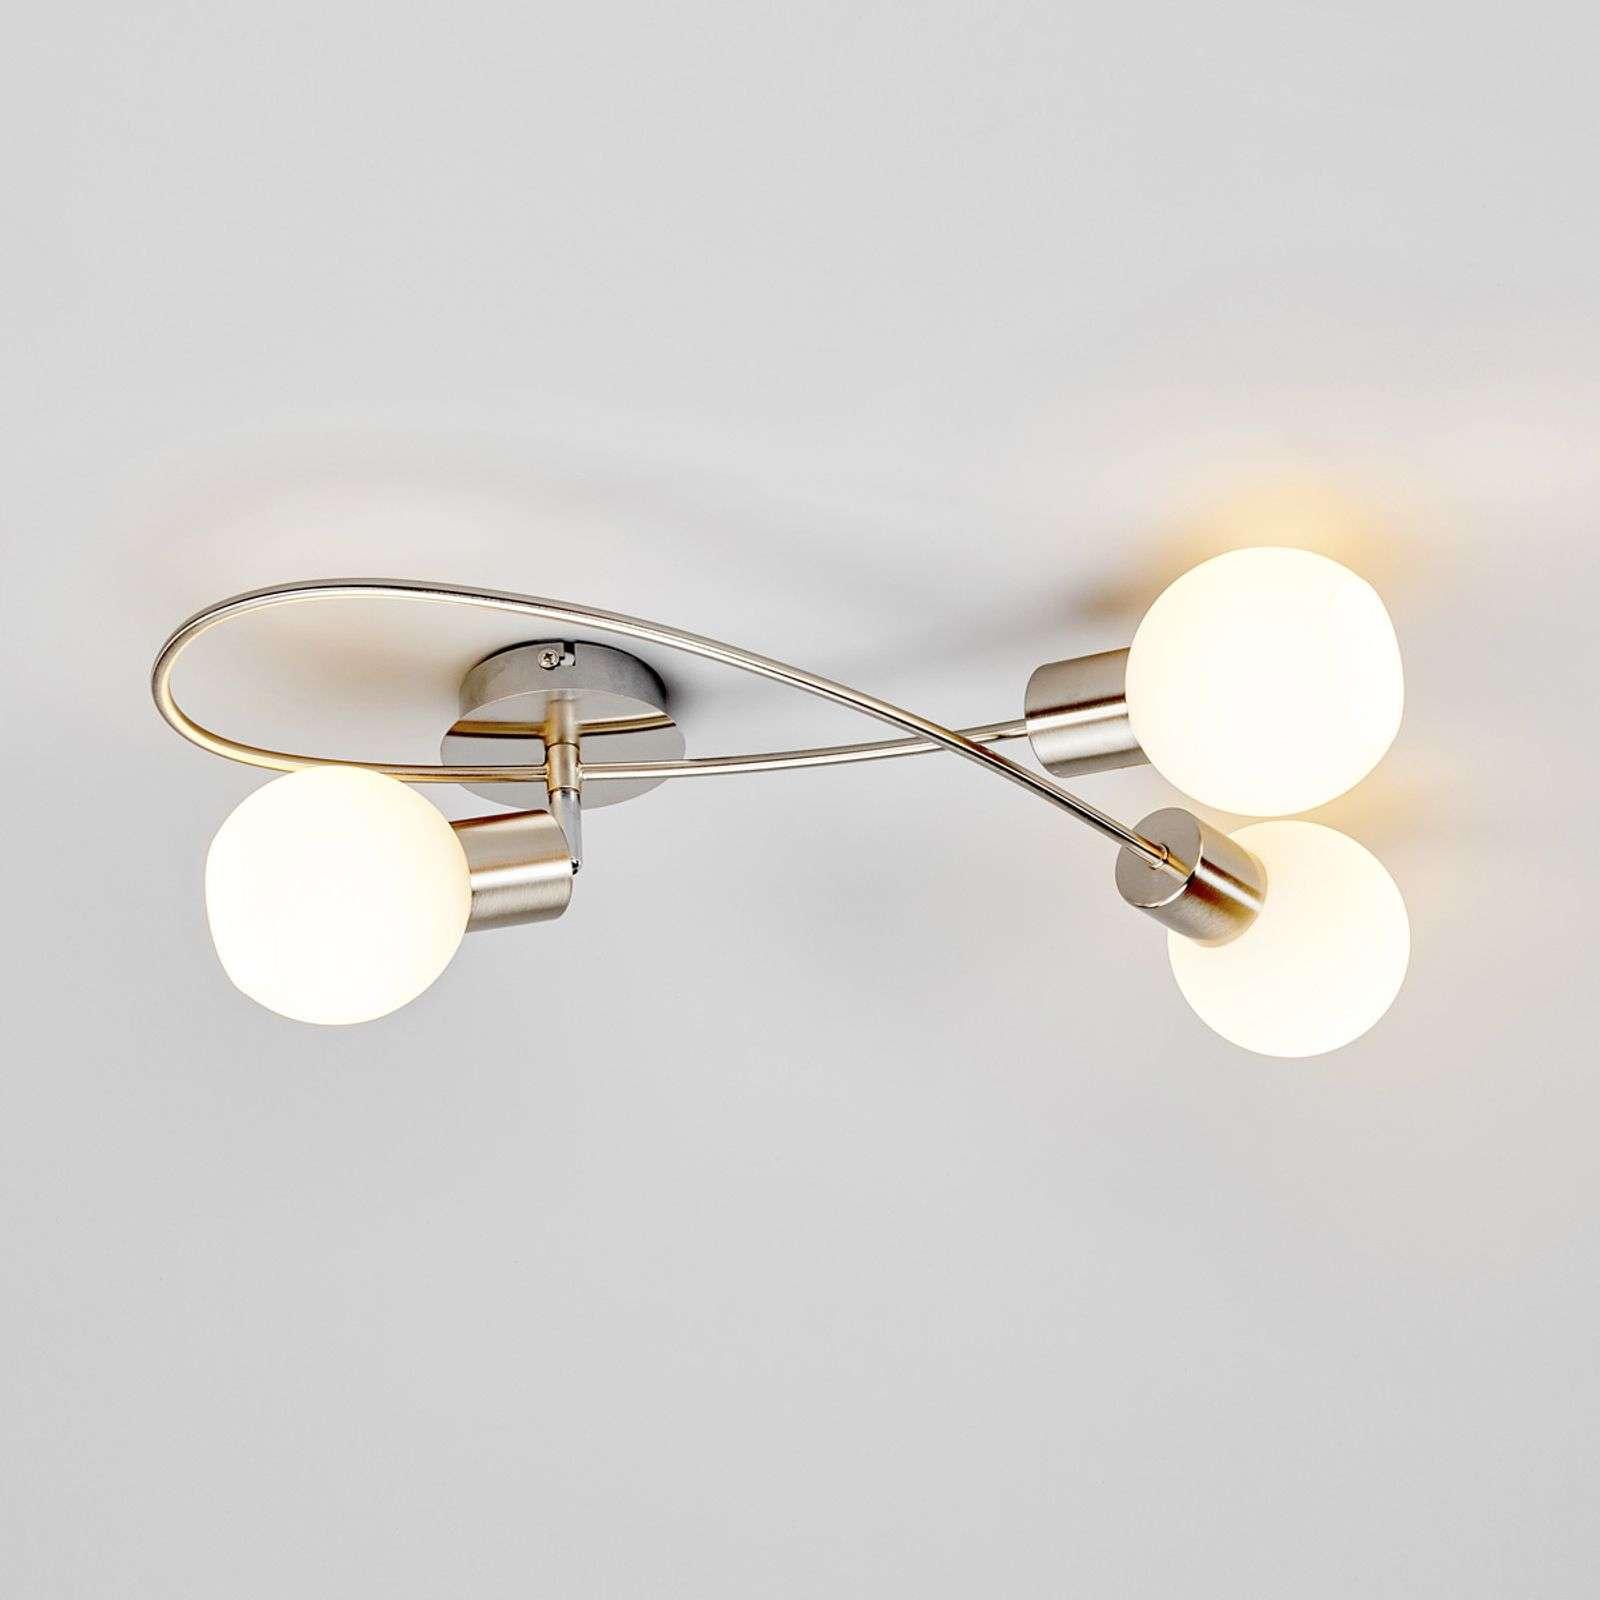 Full Size of Led Wohnzimmerlampe Wohnzimmerlampen Modern Lampe Dimmbar Per Schalter Lampen Wohnzimmer Amazon Mit Fernbedienung Obi E27 Verbinden Bauhaus Deckenlampe Elaina Wohnzimmer Led Wohnzimmerlampe